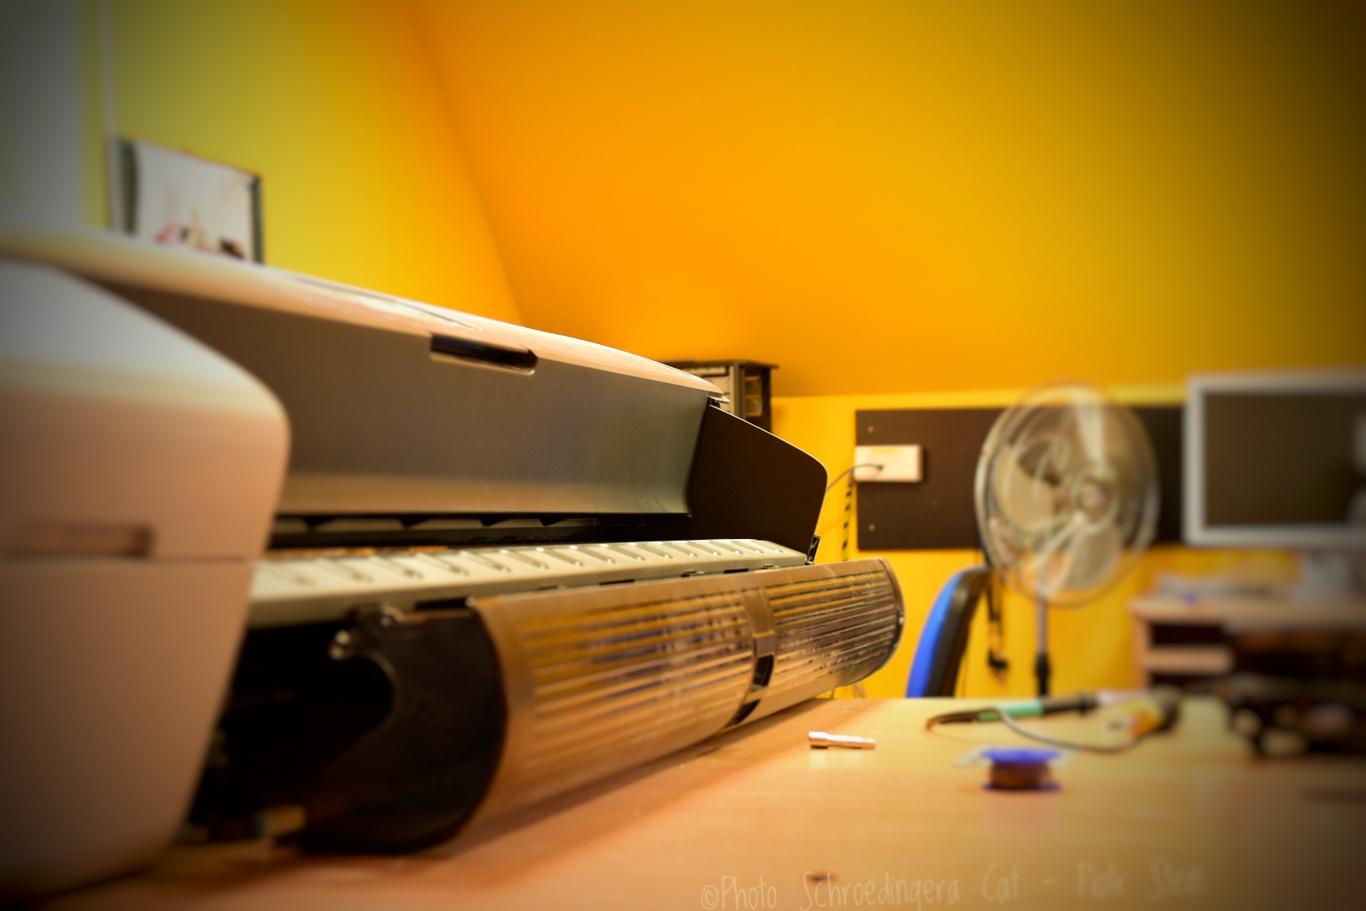 Serwis ploterów i techniczna obsługa. © Zdjęcie za zgodą Akte.com.pl i autora @PhotoSchroedingerCat